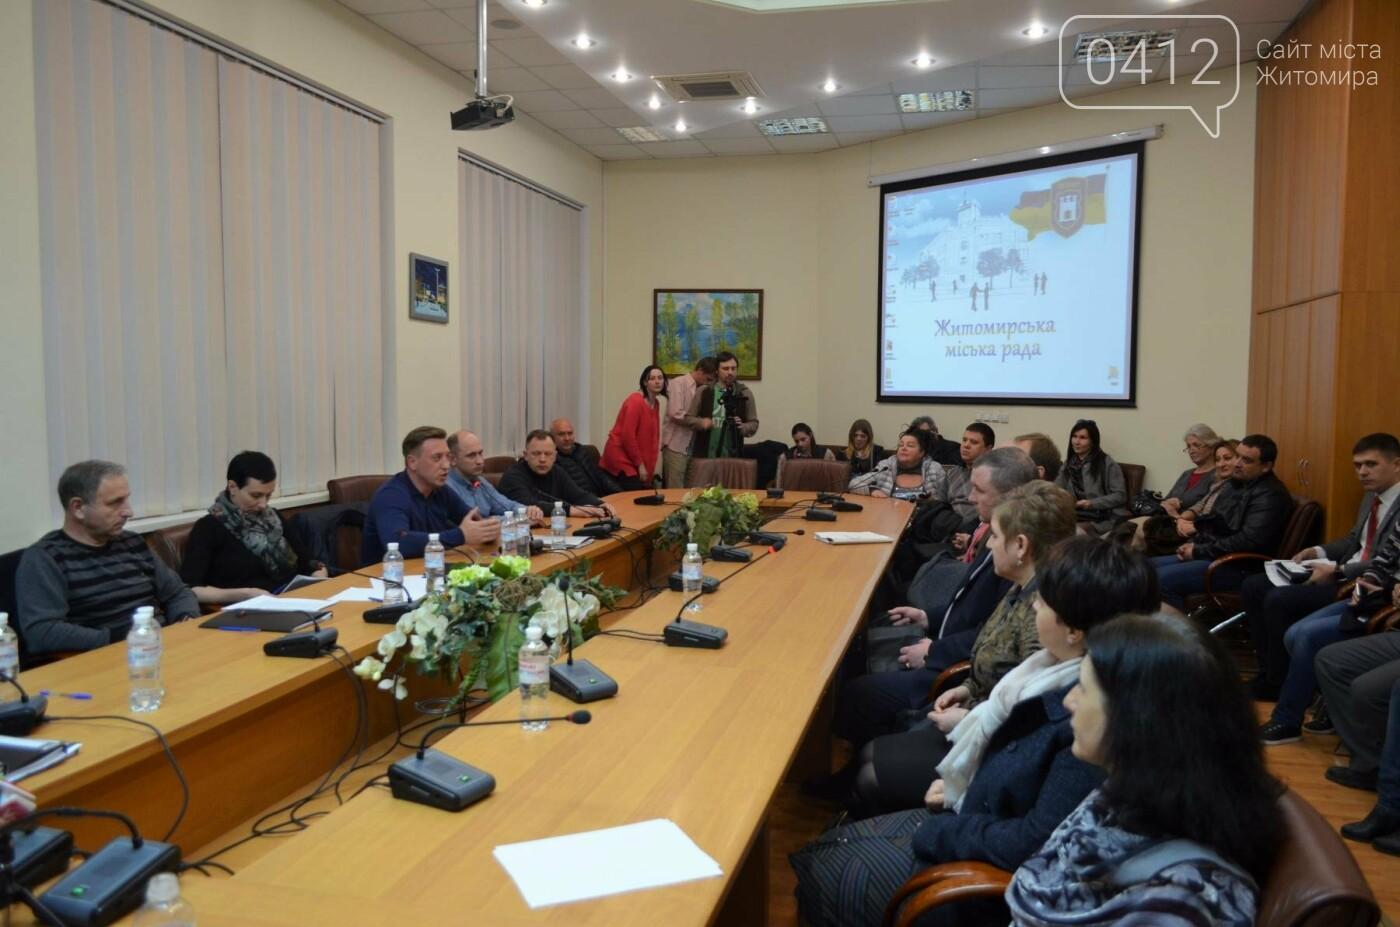 У Житомирі обрали членів Координаційної ради з питань бюджету участі, фото-3